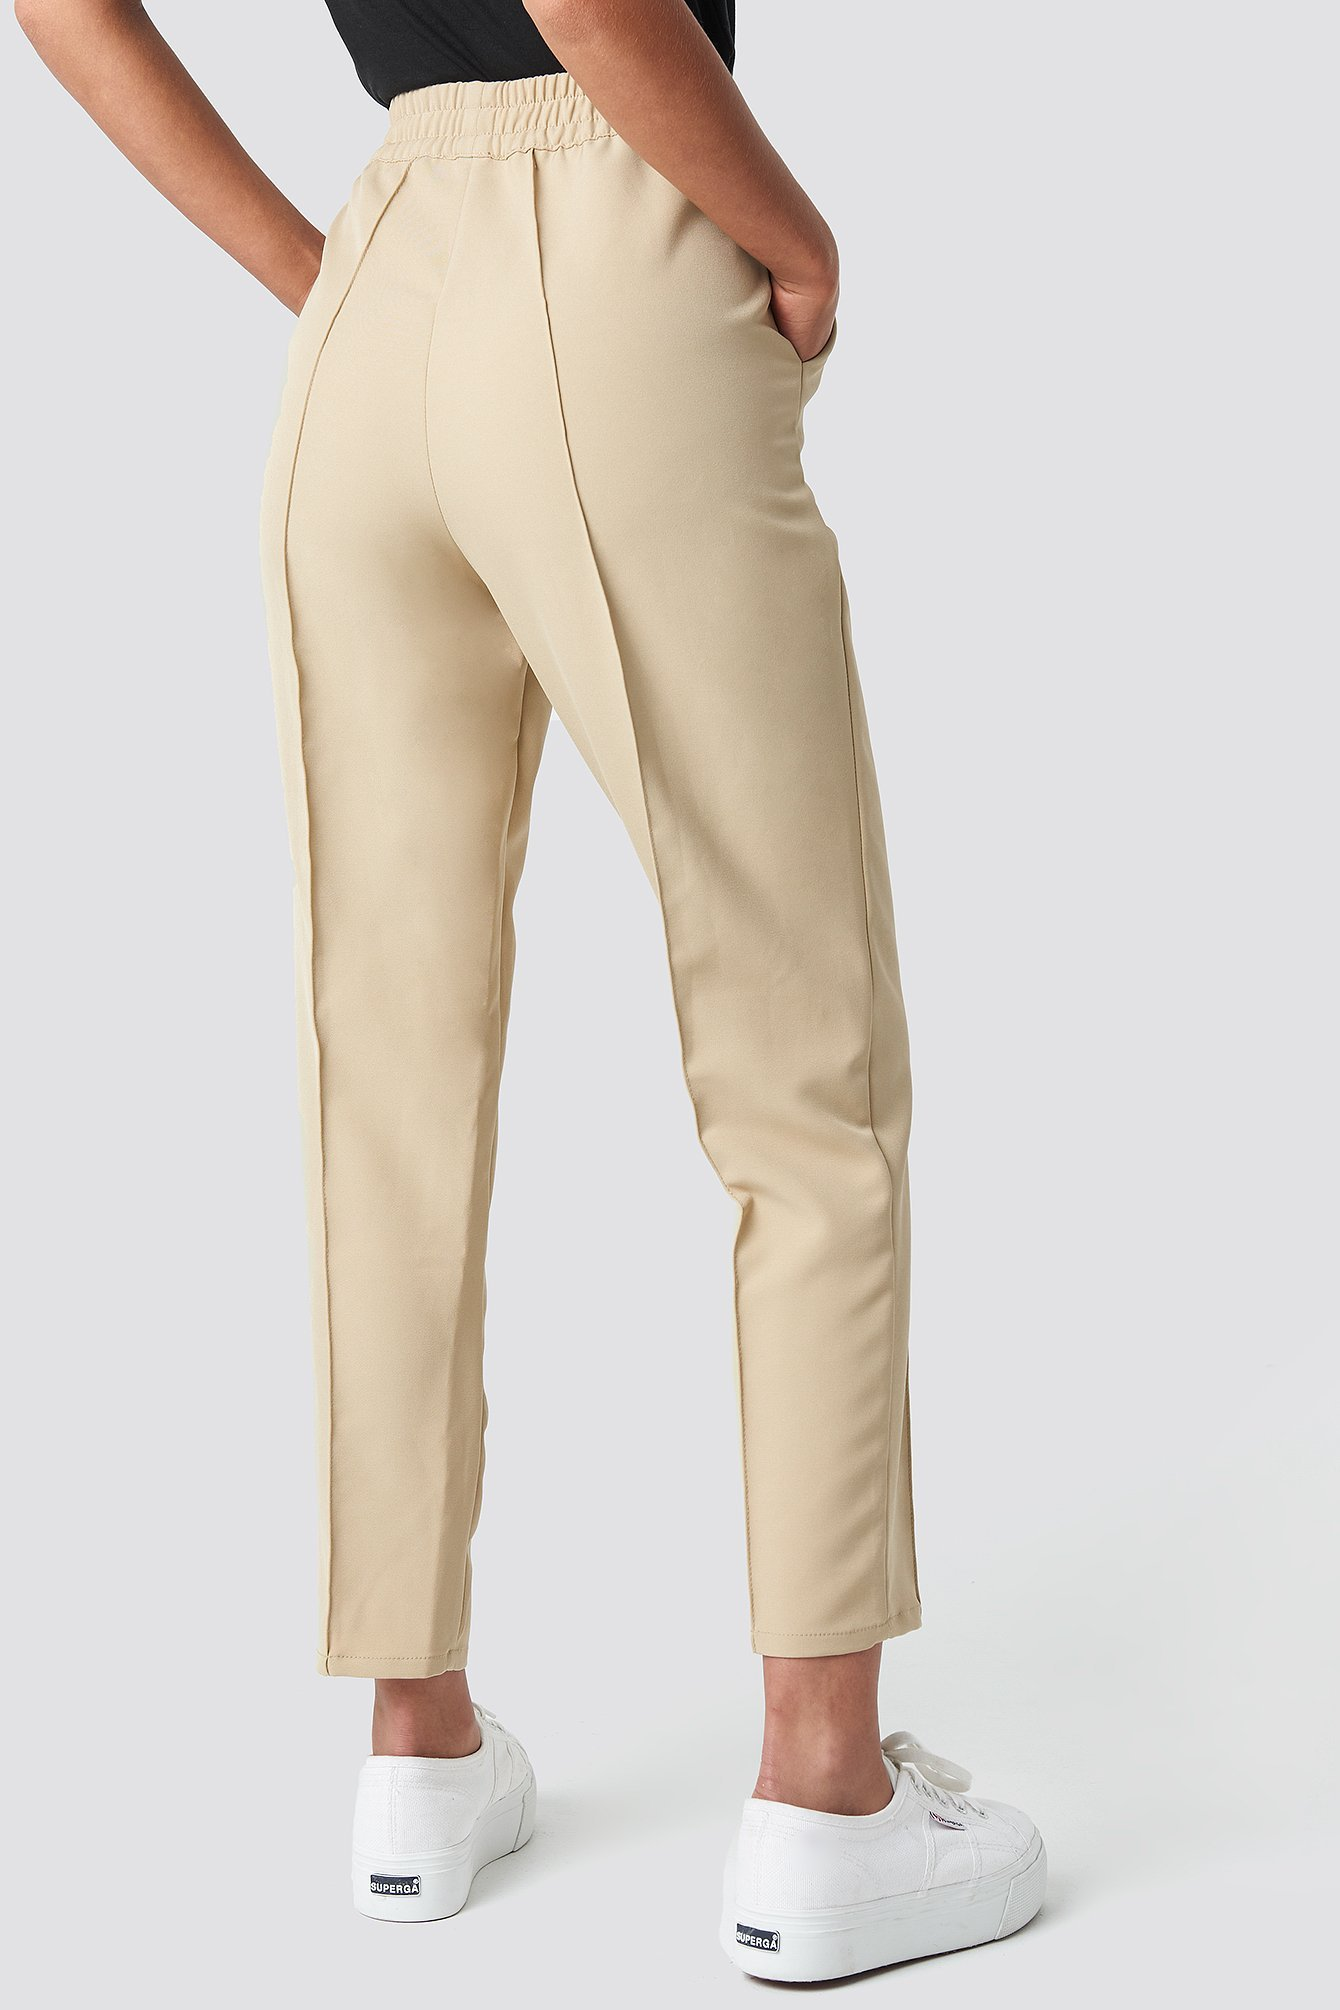 nakd_elastic_waist_seamline_pants_1018-001557-0005_03i